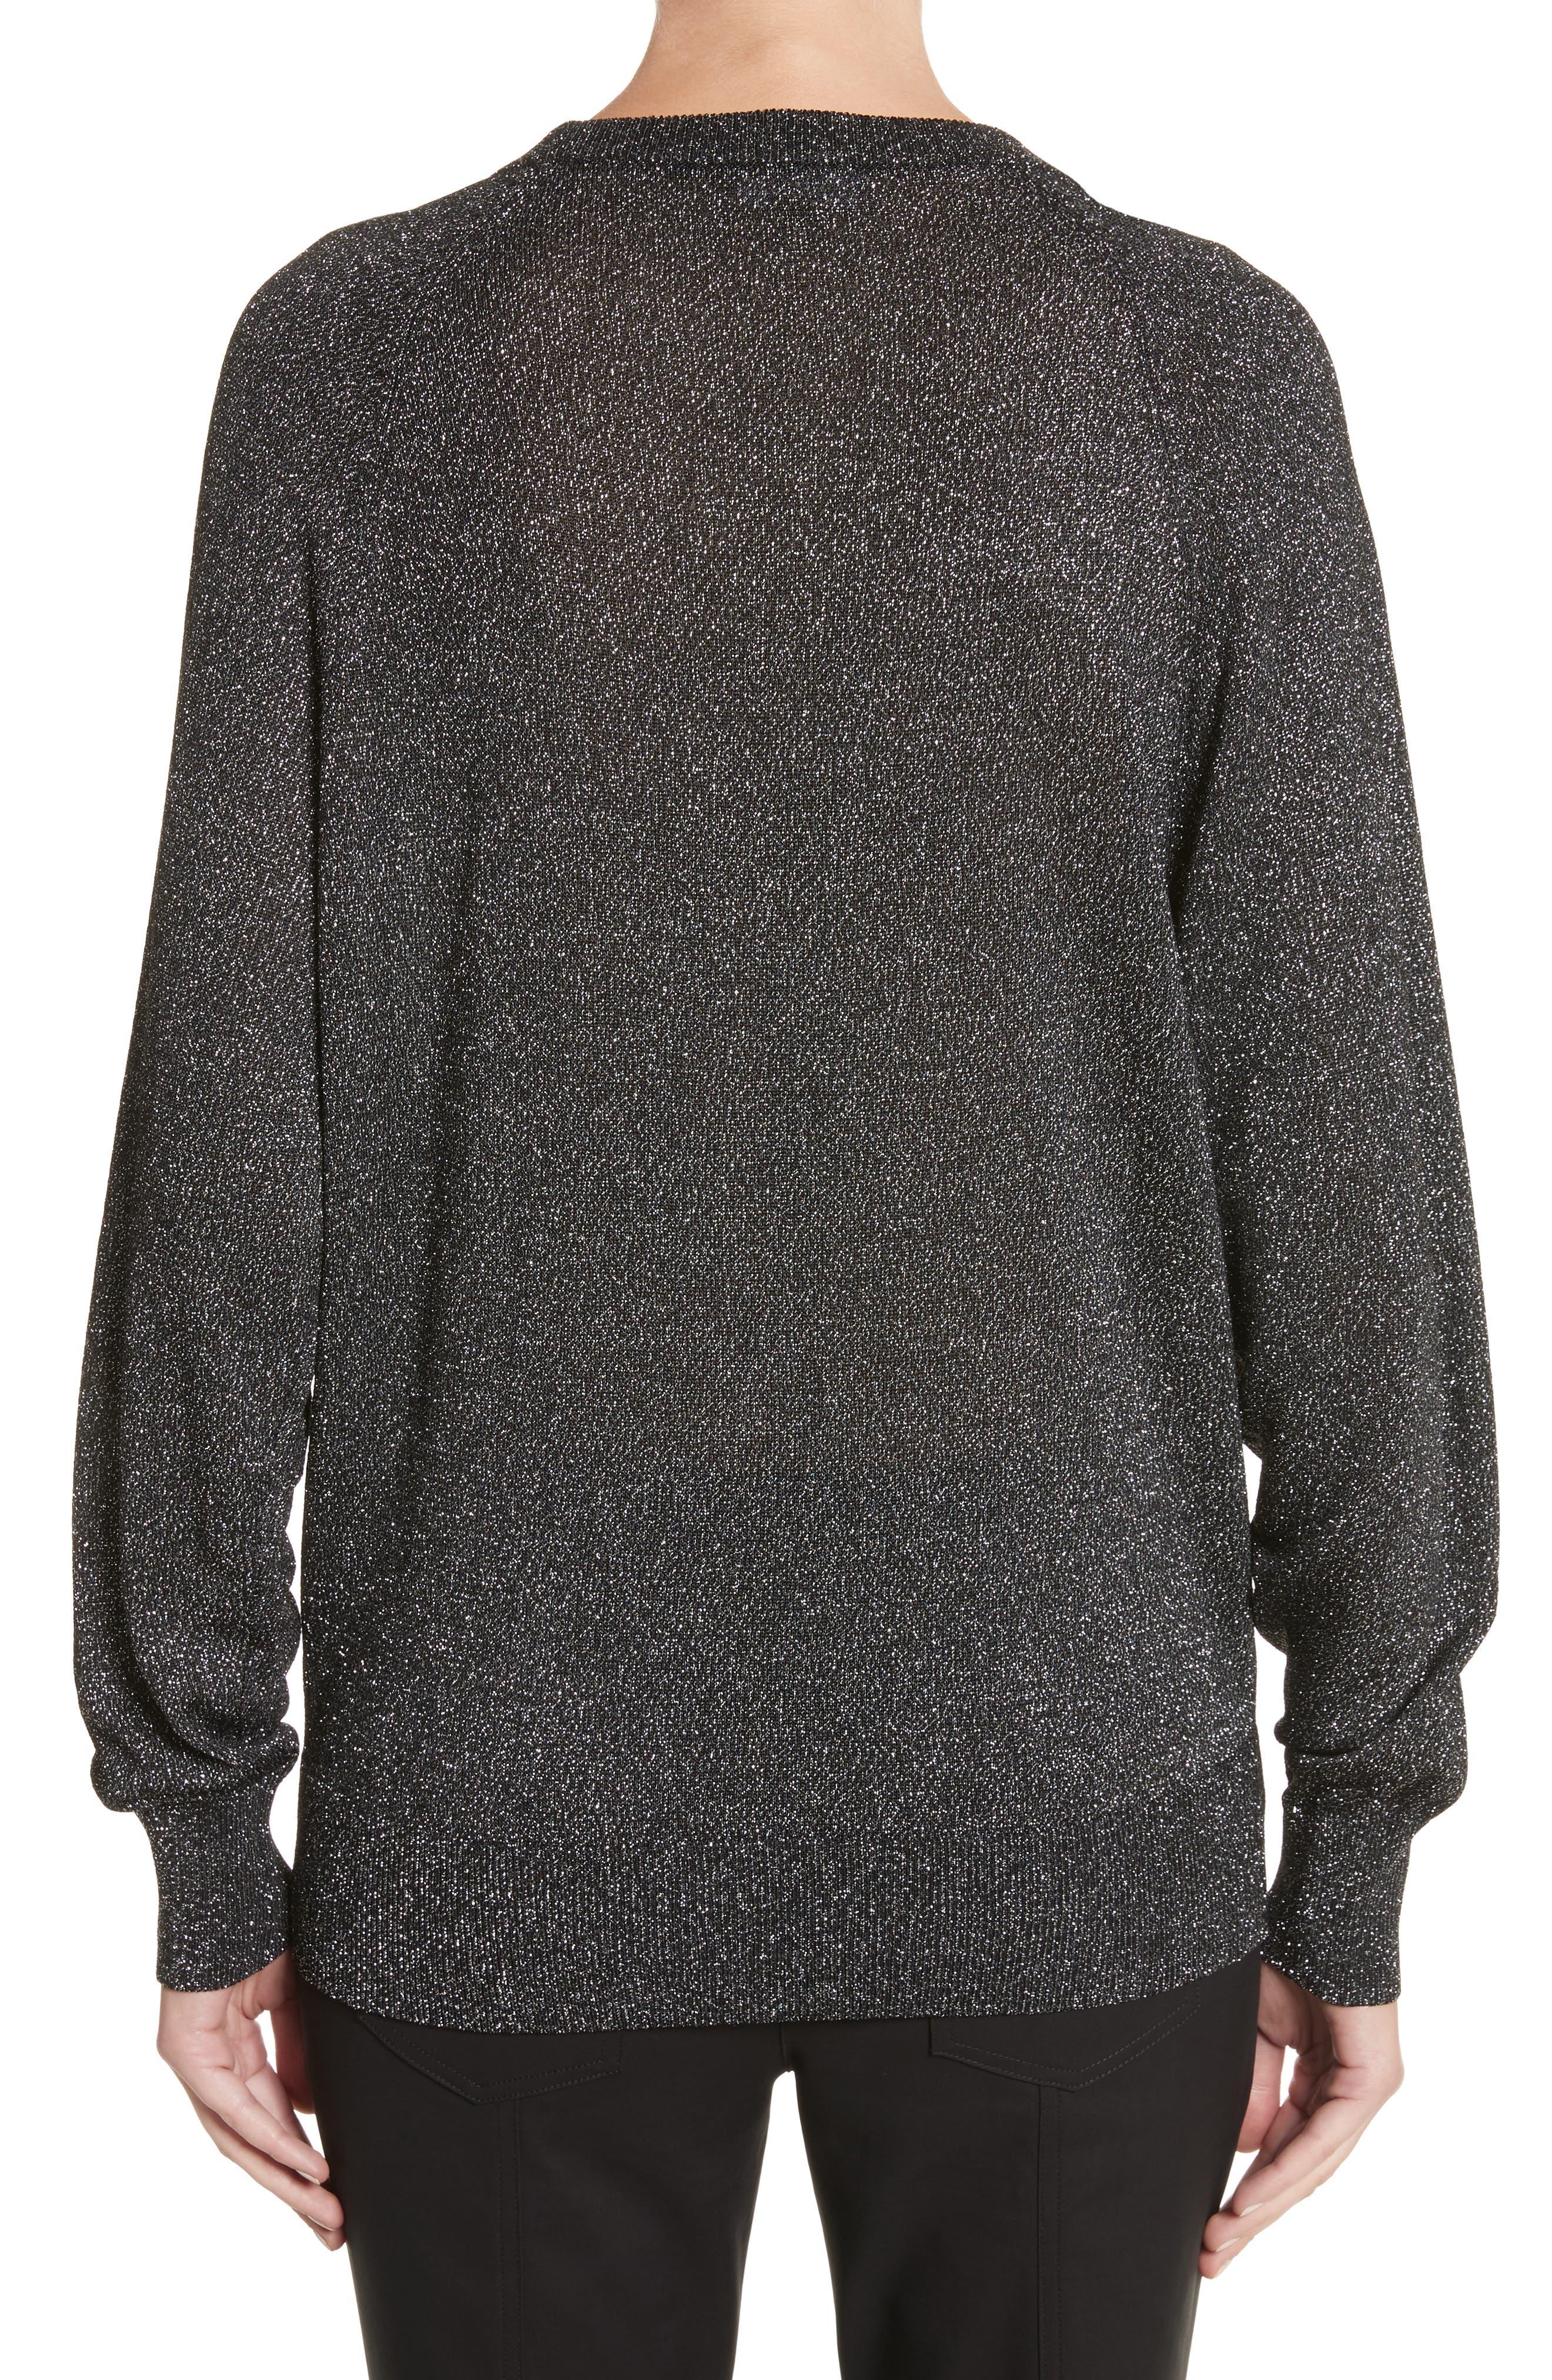 Alternate Image 2  - Michael Kors Metallic Knit Raglan Pullover